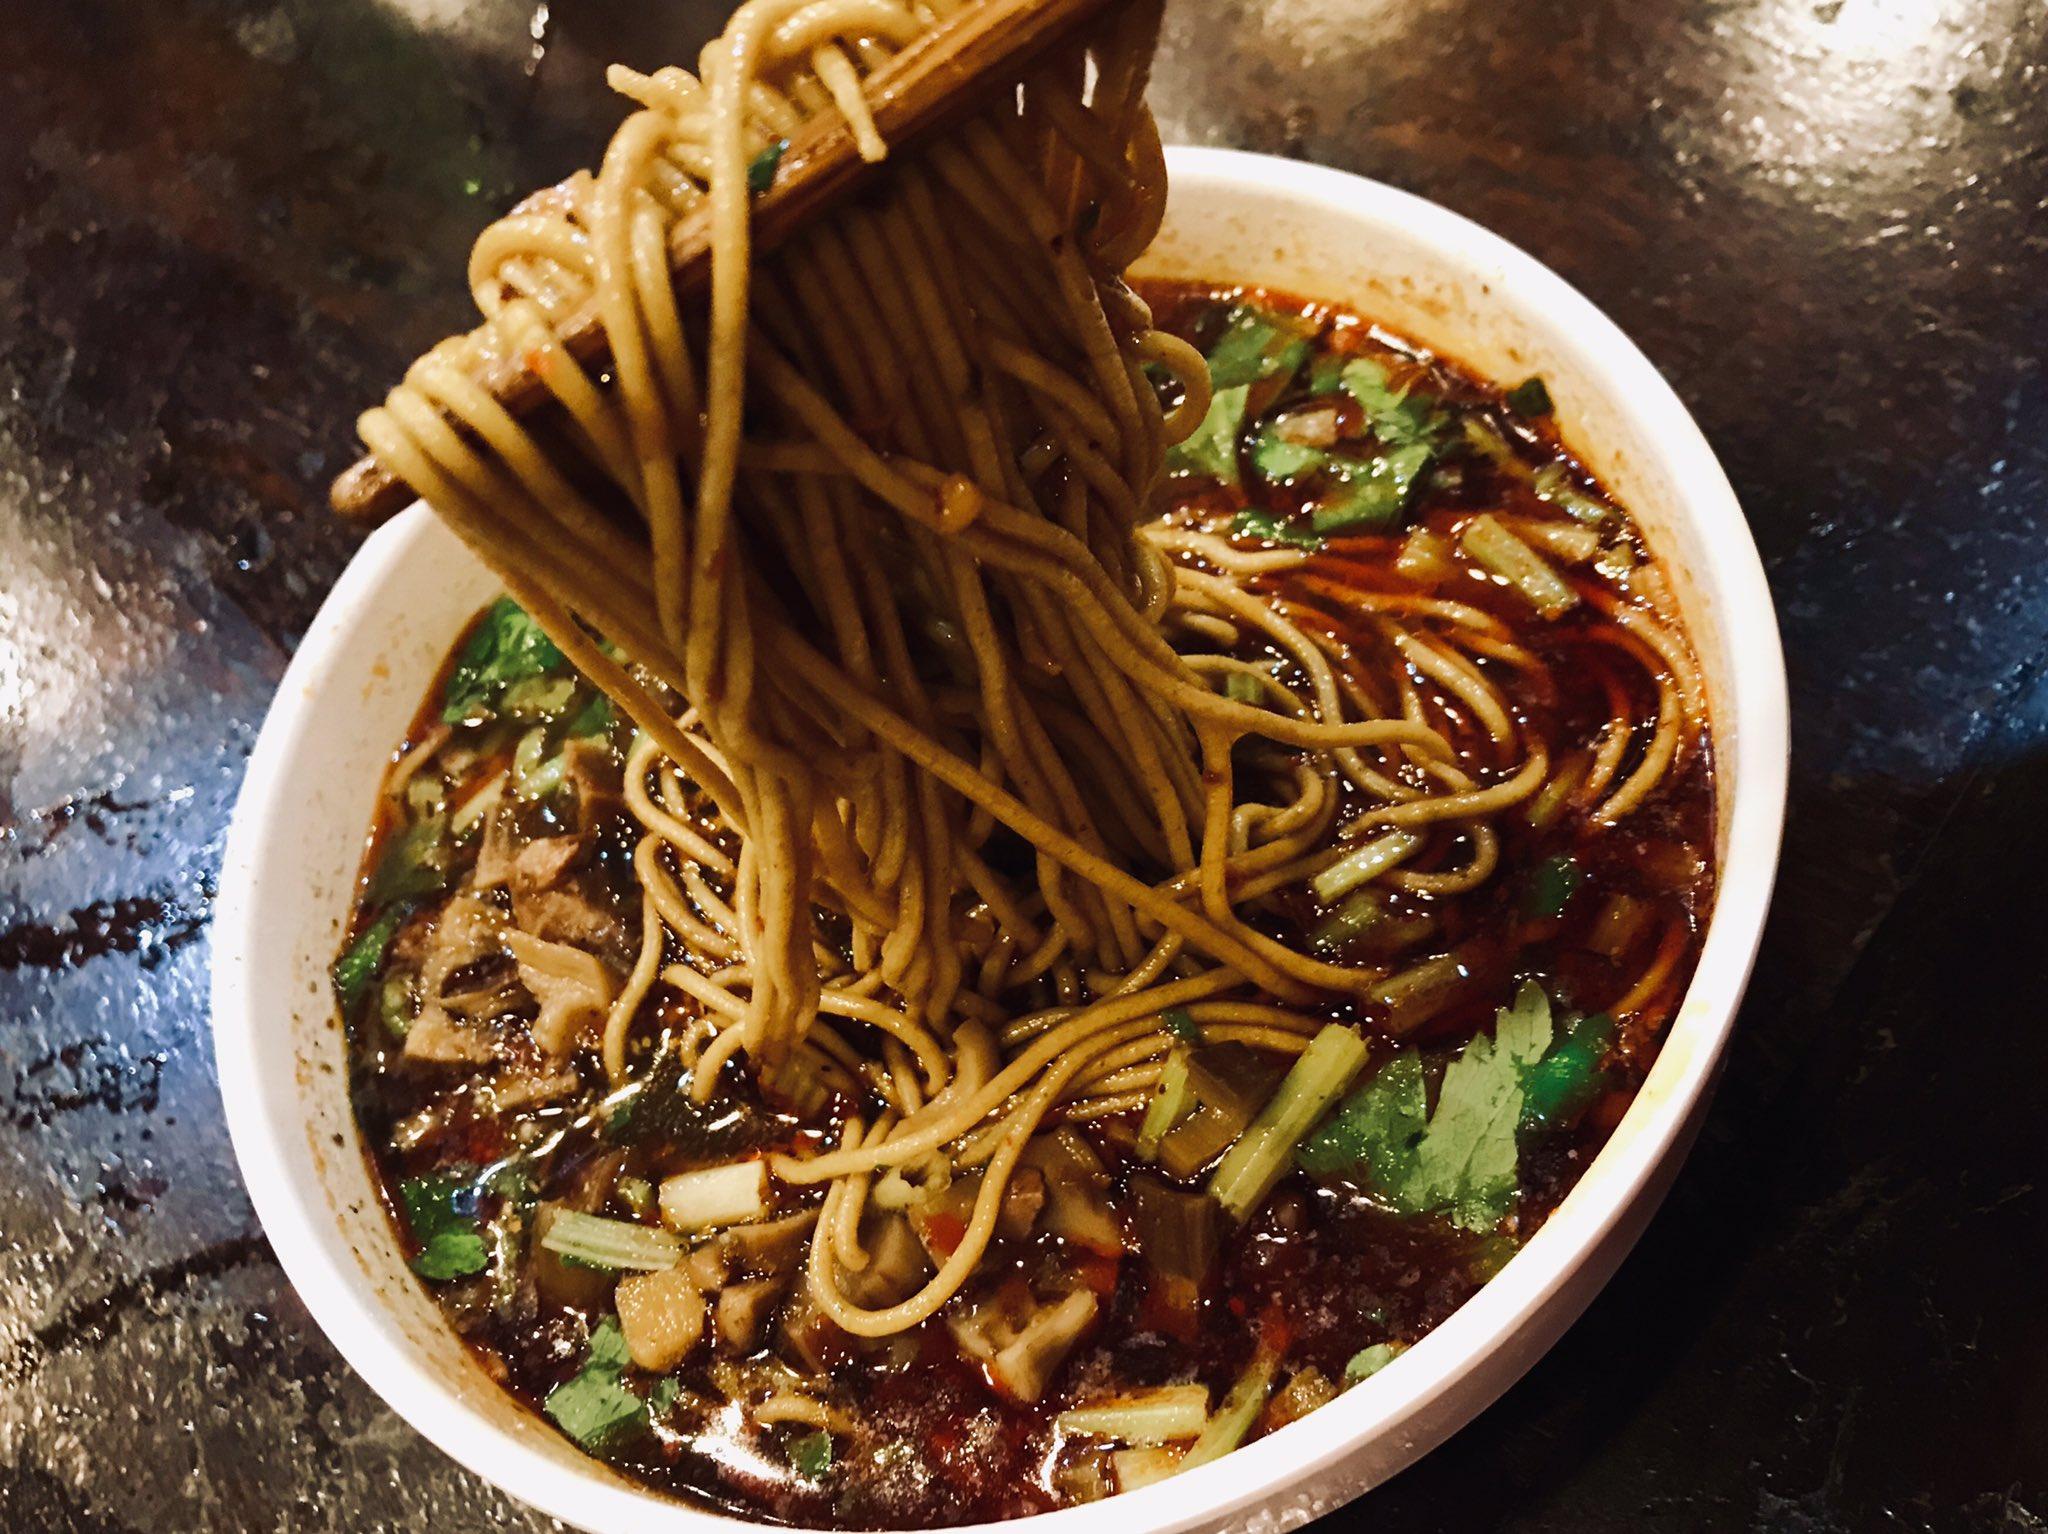 成都三大ババア飯。王婆蕎麦。 牛肉蕎麦15元。紅油か清湯タイプか選べる。王婆さんが始めた蕎麦屋らしい。中国で蕎麦は珍しい。蕎麦粉100%なのか強い蕎麦の香り。それを抑え込むだけの香辛料。日本的な感じも若干する。むむむと唸る旨さ。大満足味。 https://t.co/2VlF4eLHTZ